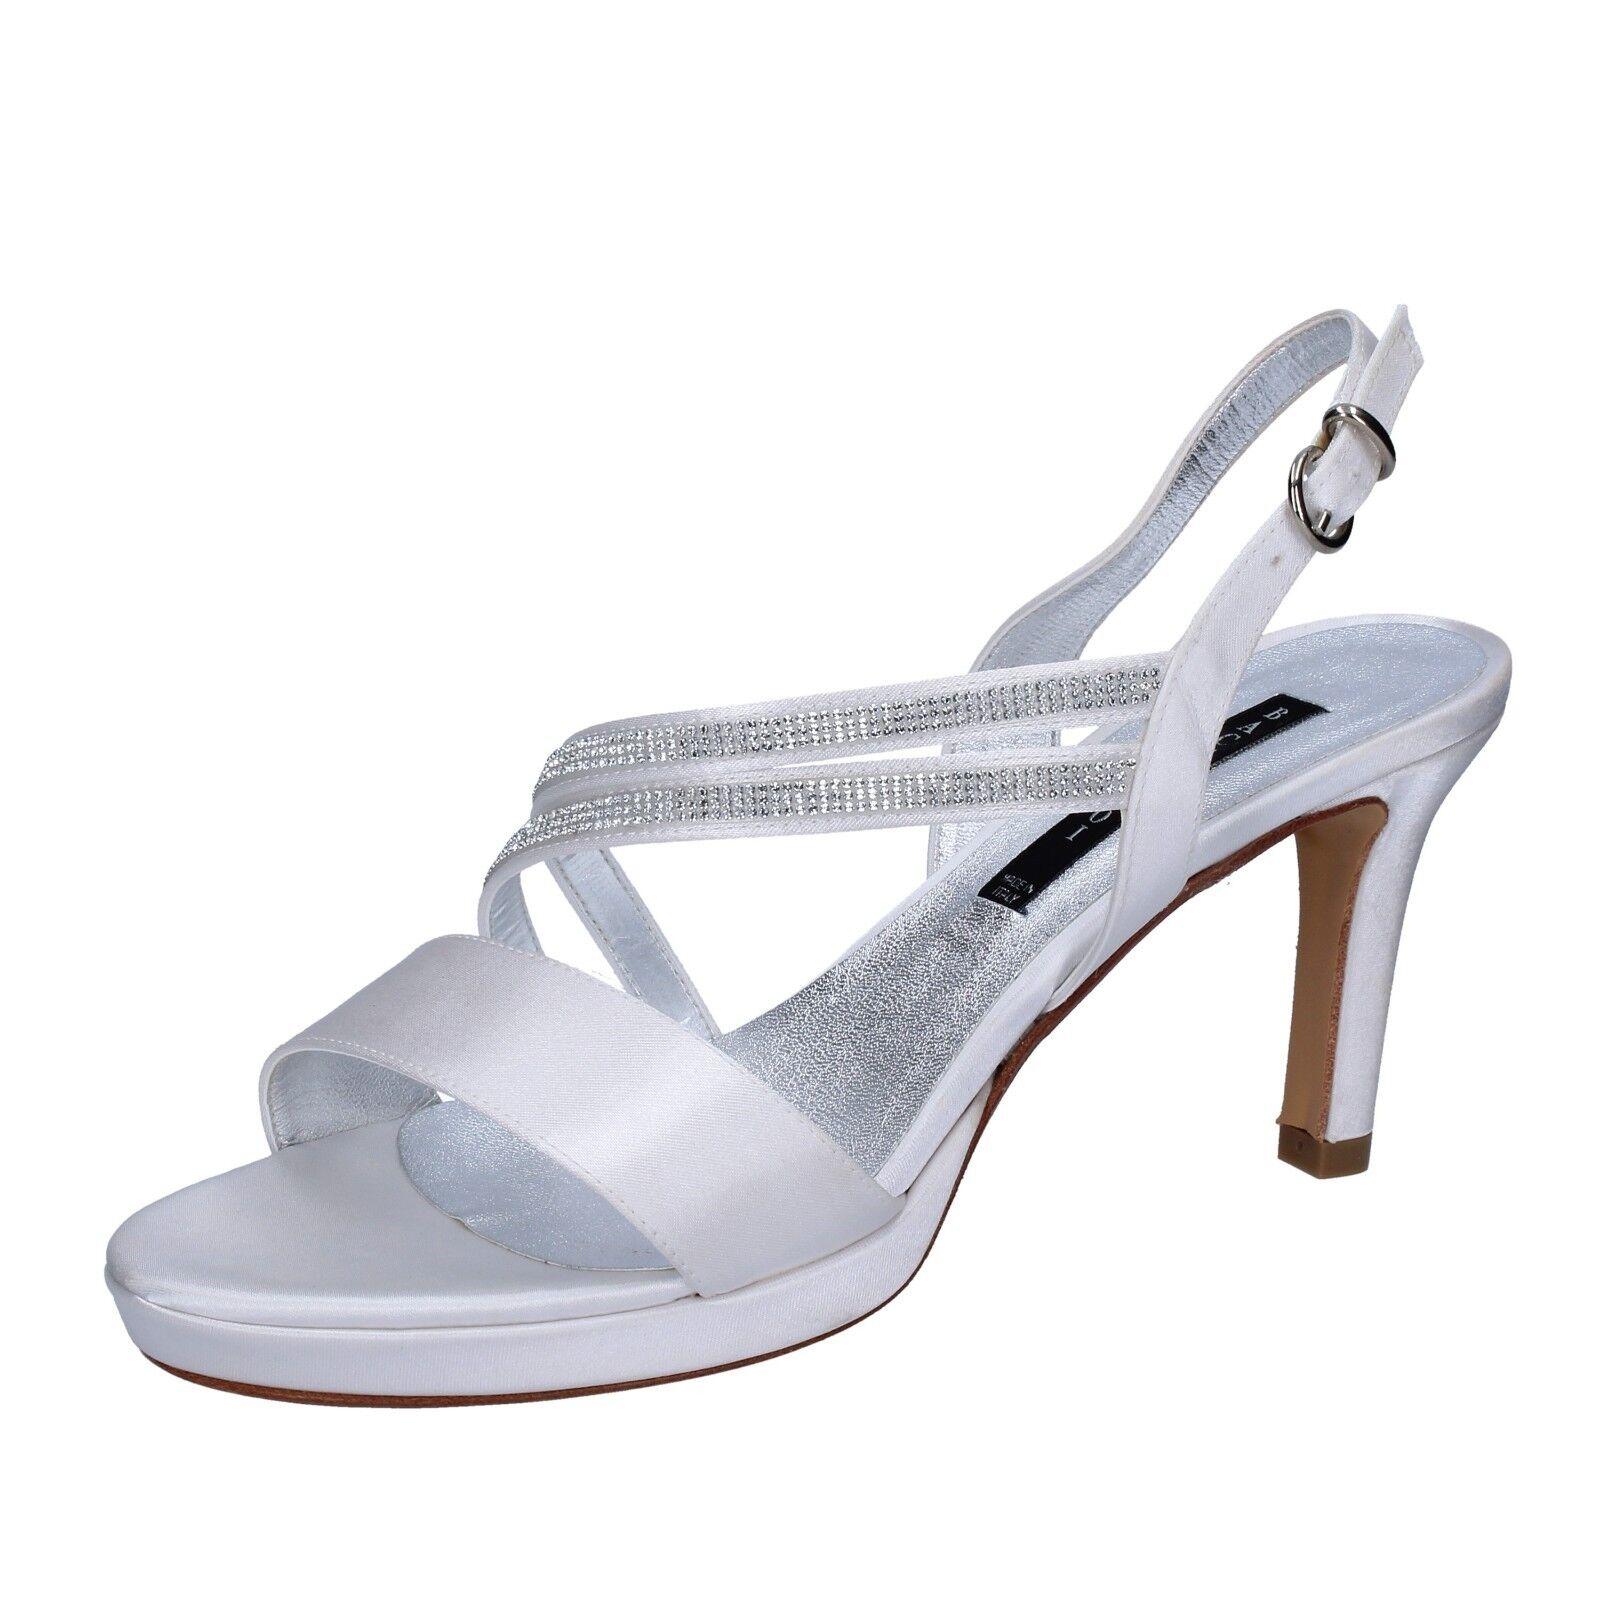 Damen schuhe BACTA DE TOI 36 EU sandalen Weiß strass satin BT845-36